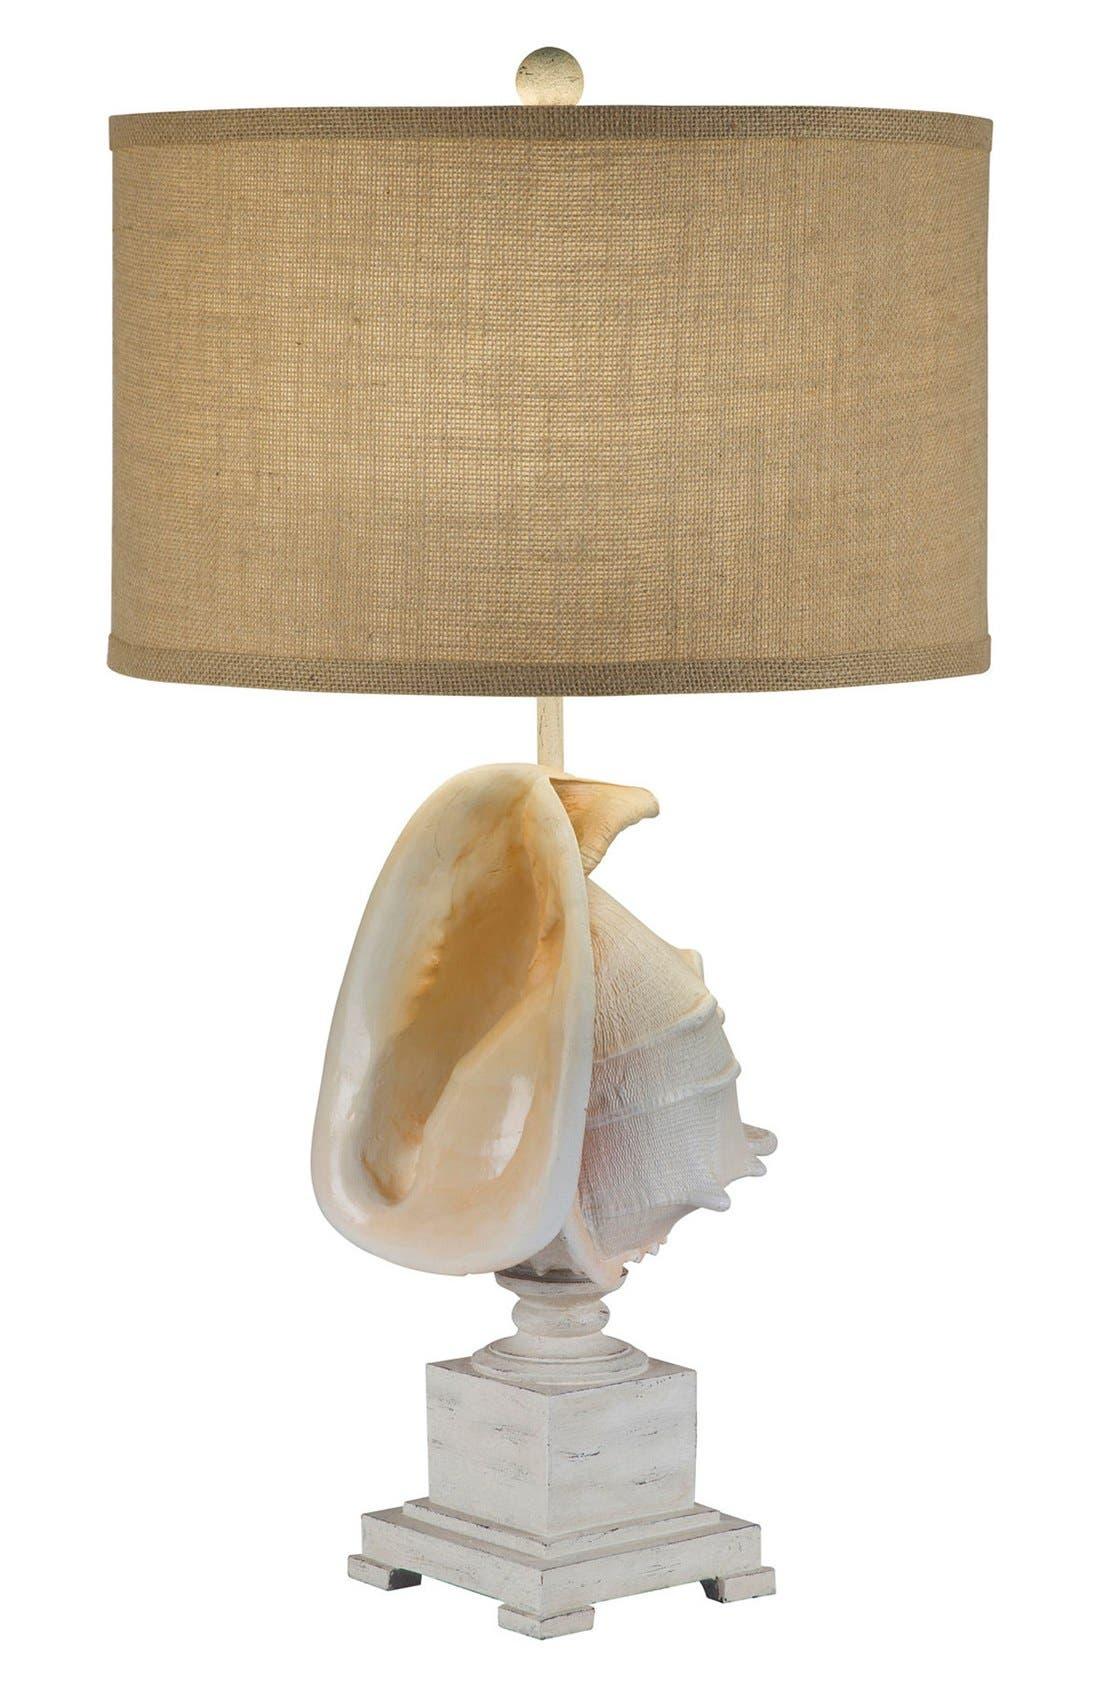 JAlexander Whitewash Shell Table Lamp